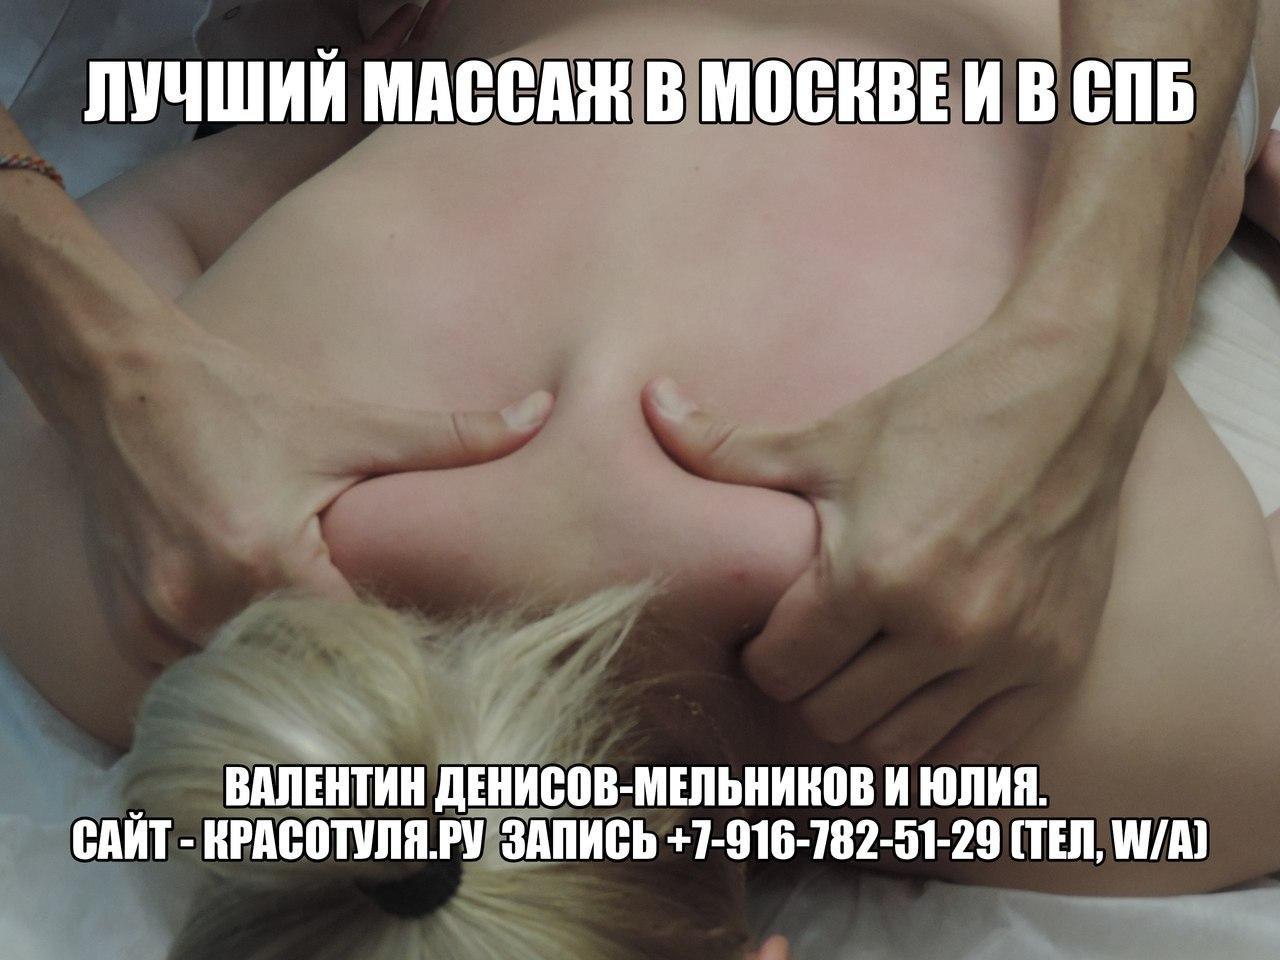 массаж воротниковой зоны, частный массажист мужчина, студия массажа, массажный салон,